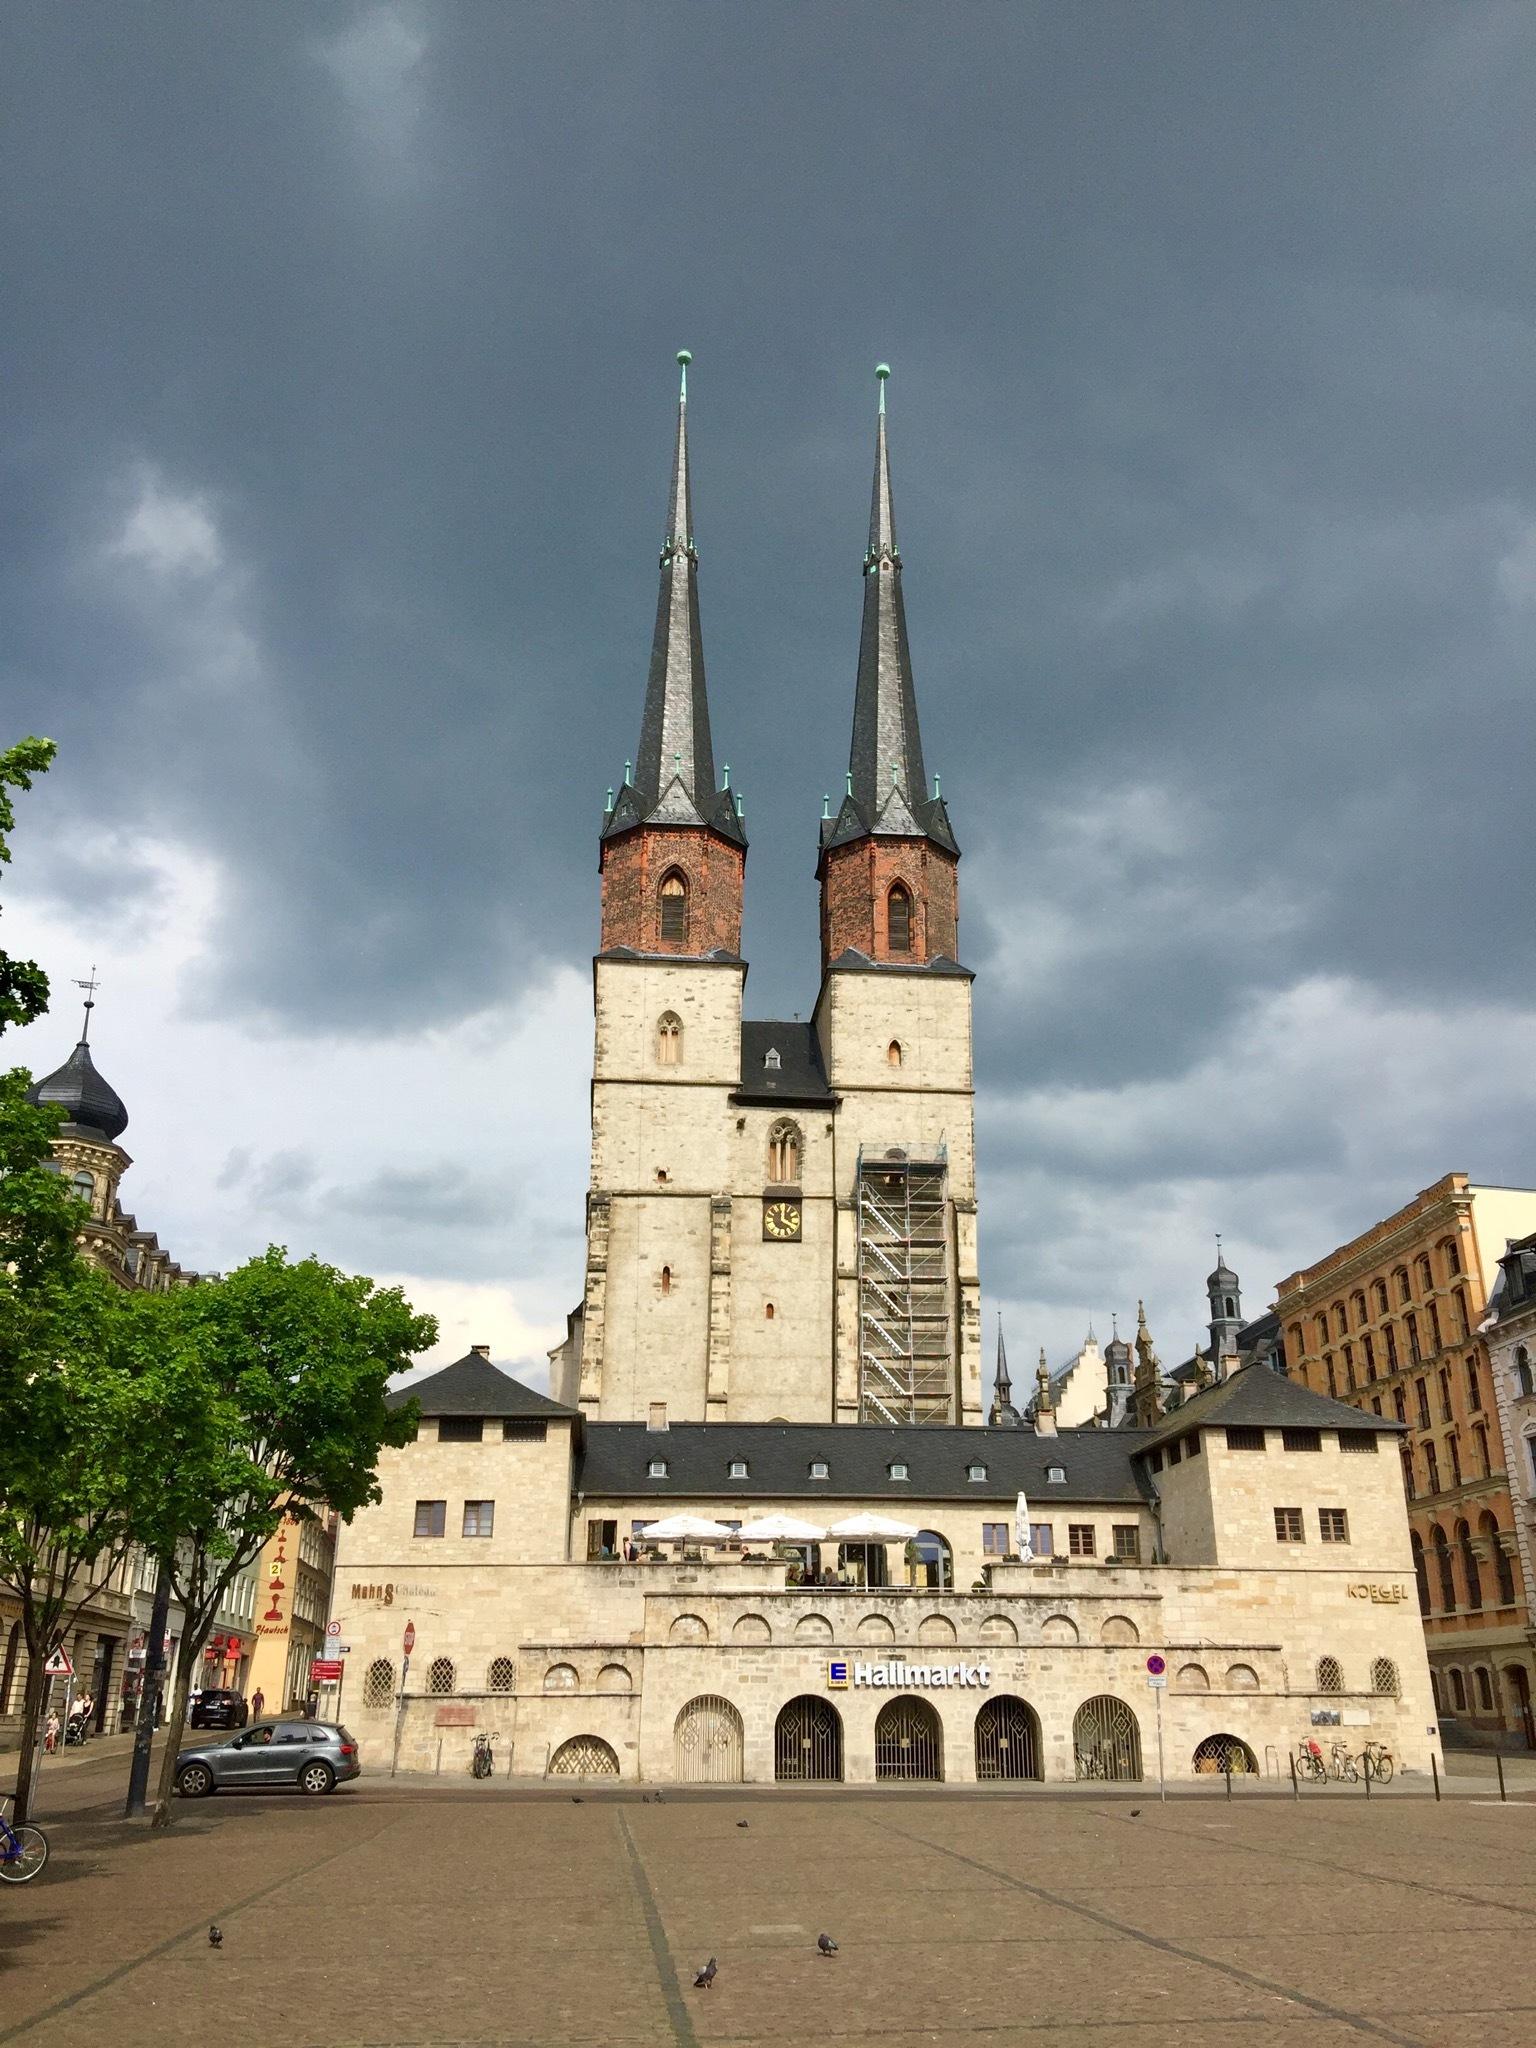 Hallmarkt - Halle. ... before the rain vegins to fall ... by AnneTema R.X.